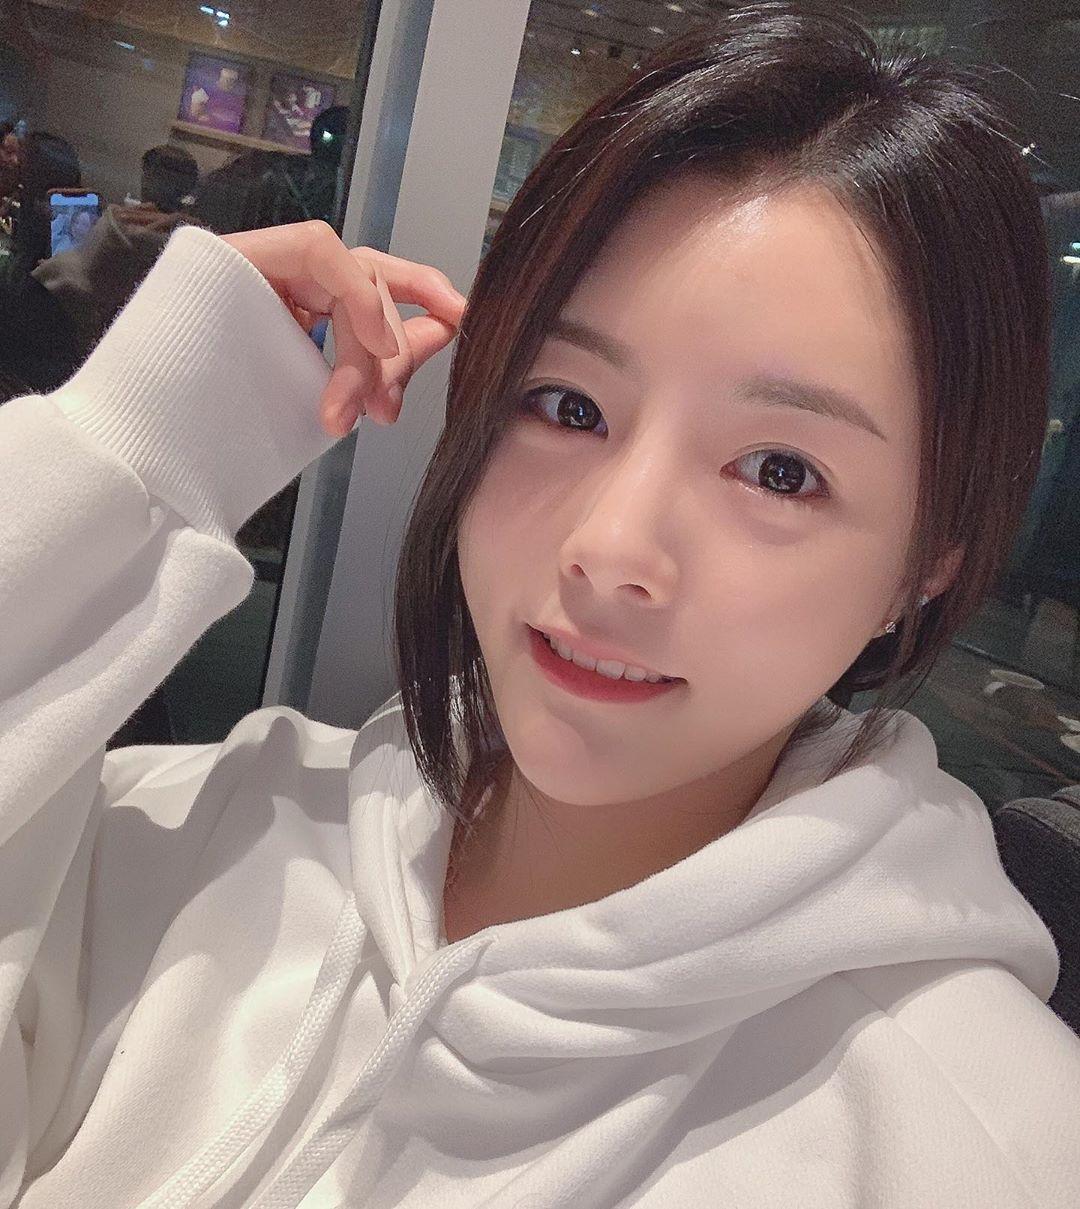 韩国1米8的排球女神李多英(이다영)高挑身材比例极不科学!